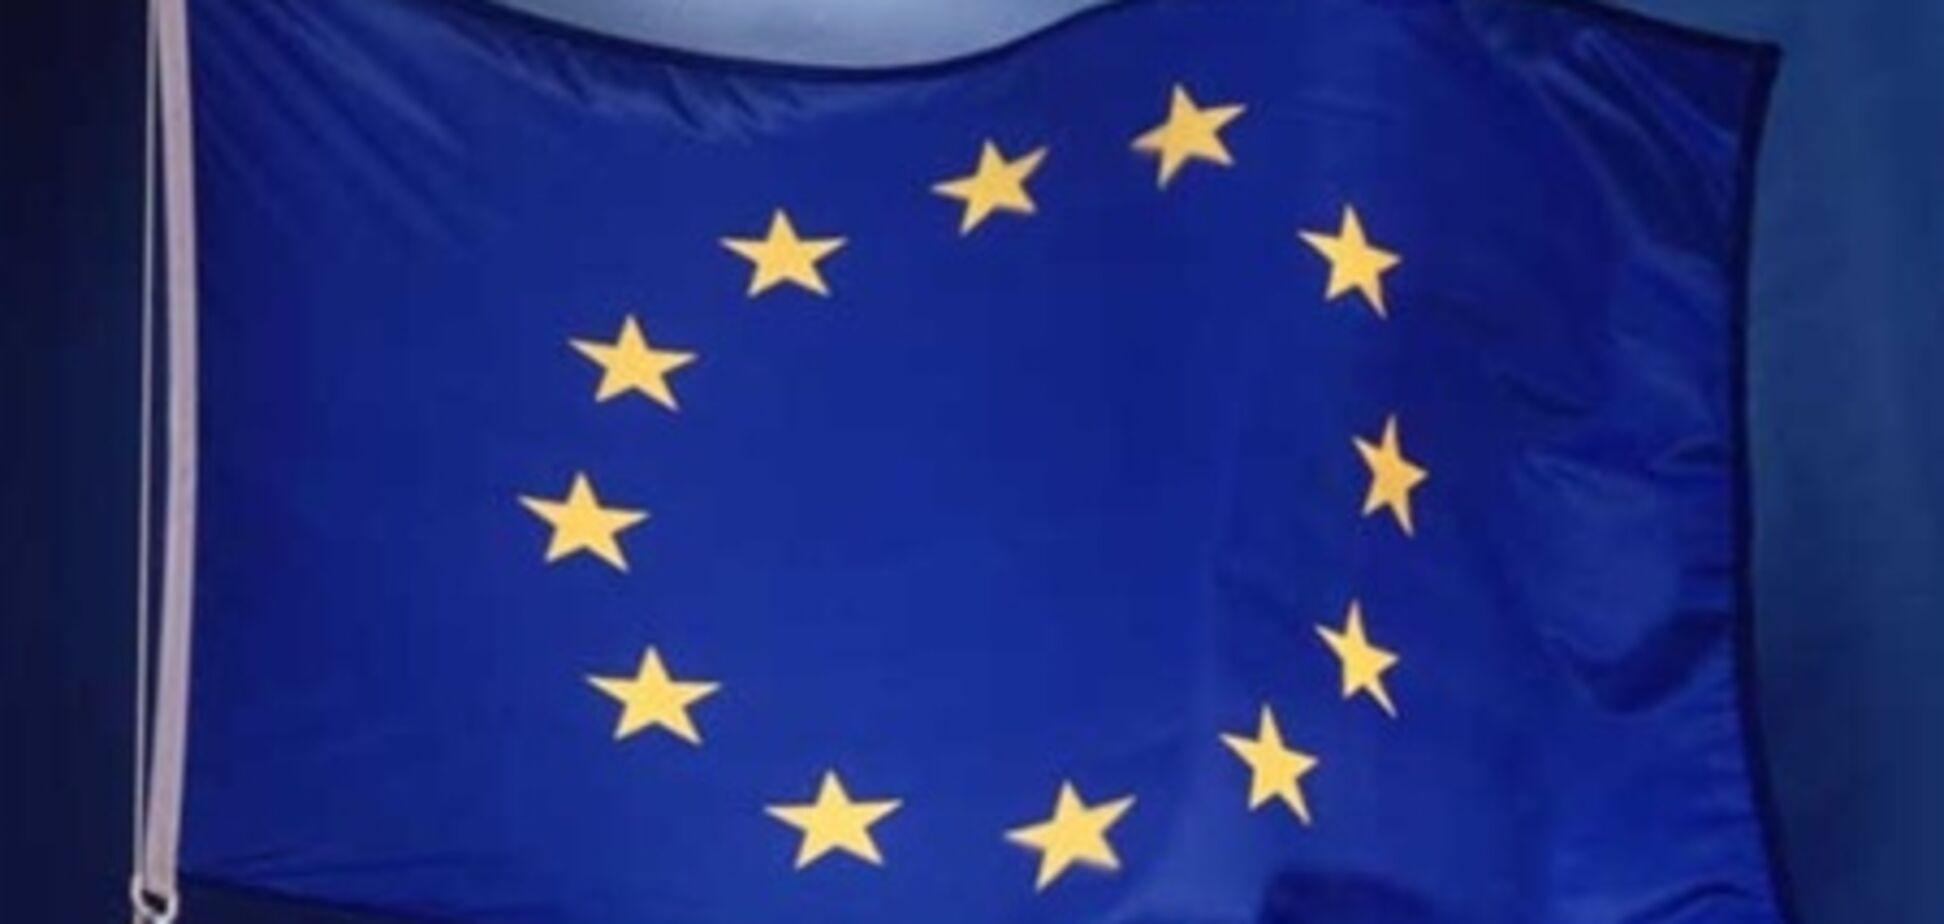 Европа сможет поддержать лишь экономическую часть ассоциации с Украиной